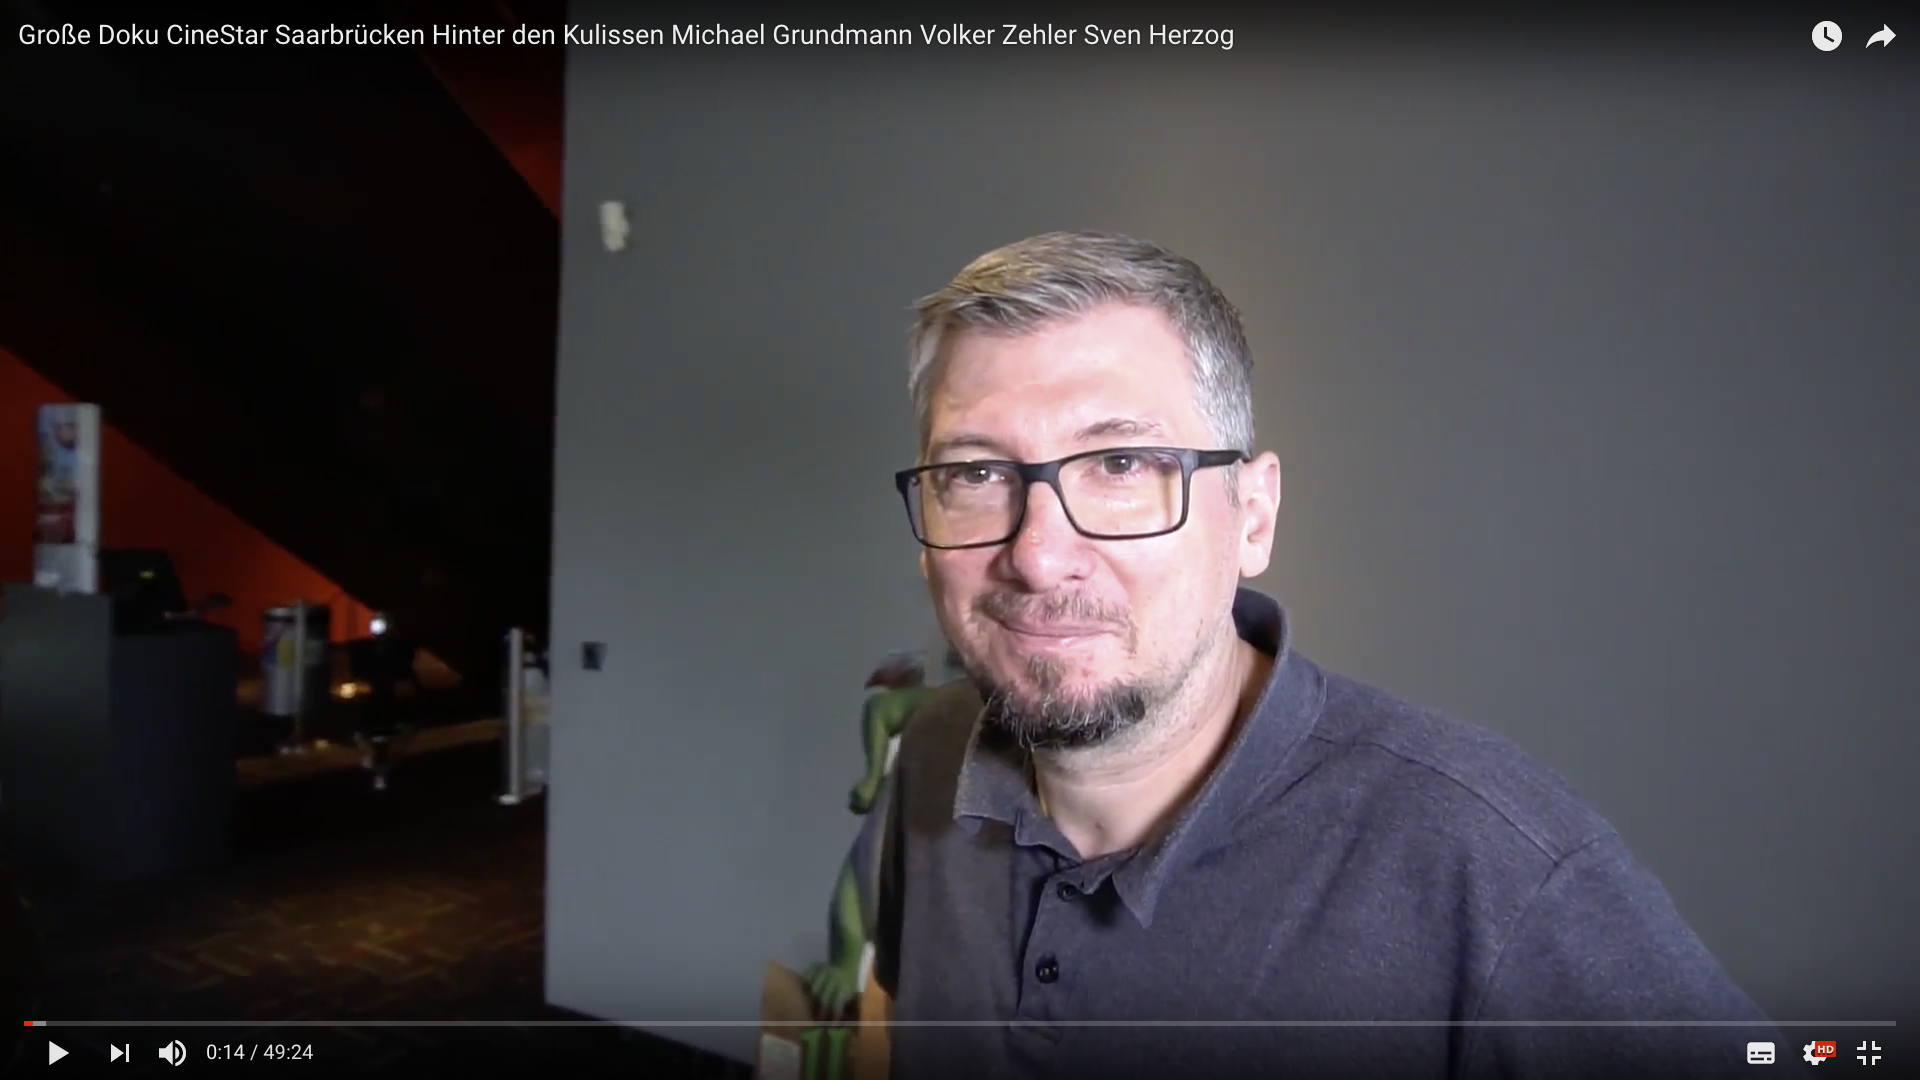 2017 Cinestar Hinter den Kulissen Theaterleiter _MSM_MEDIEN_SAAR_MOSEL_SAARLAND_FERNSEHEN_1_ED_SAAR